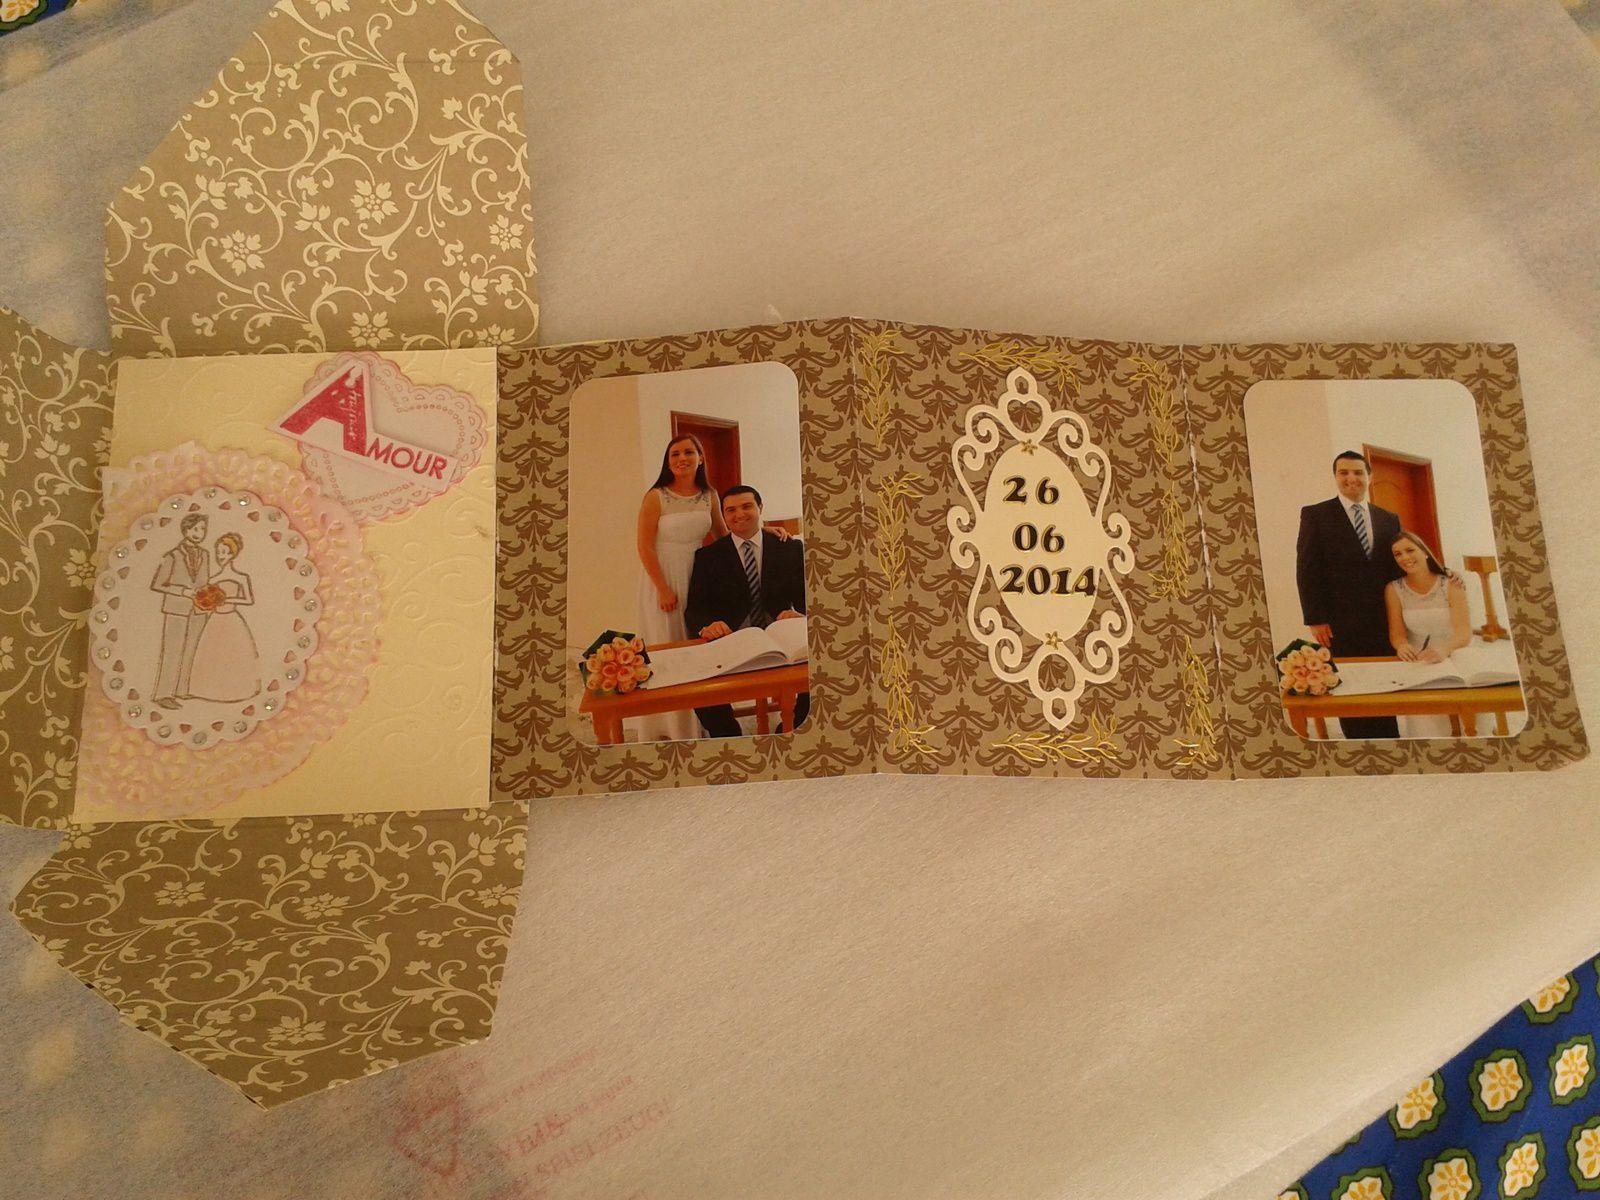 Le tiroir d'Ignacette et son mini album.